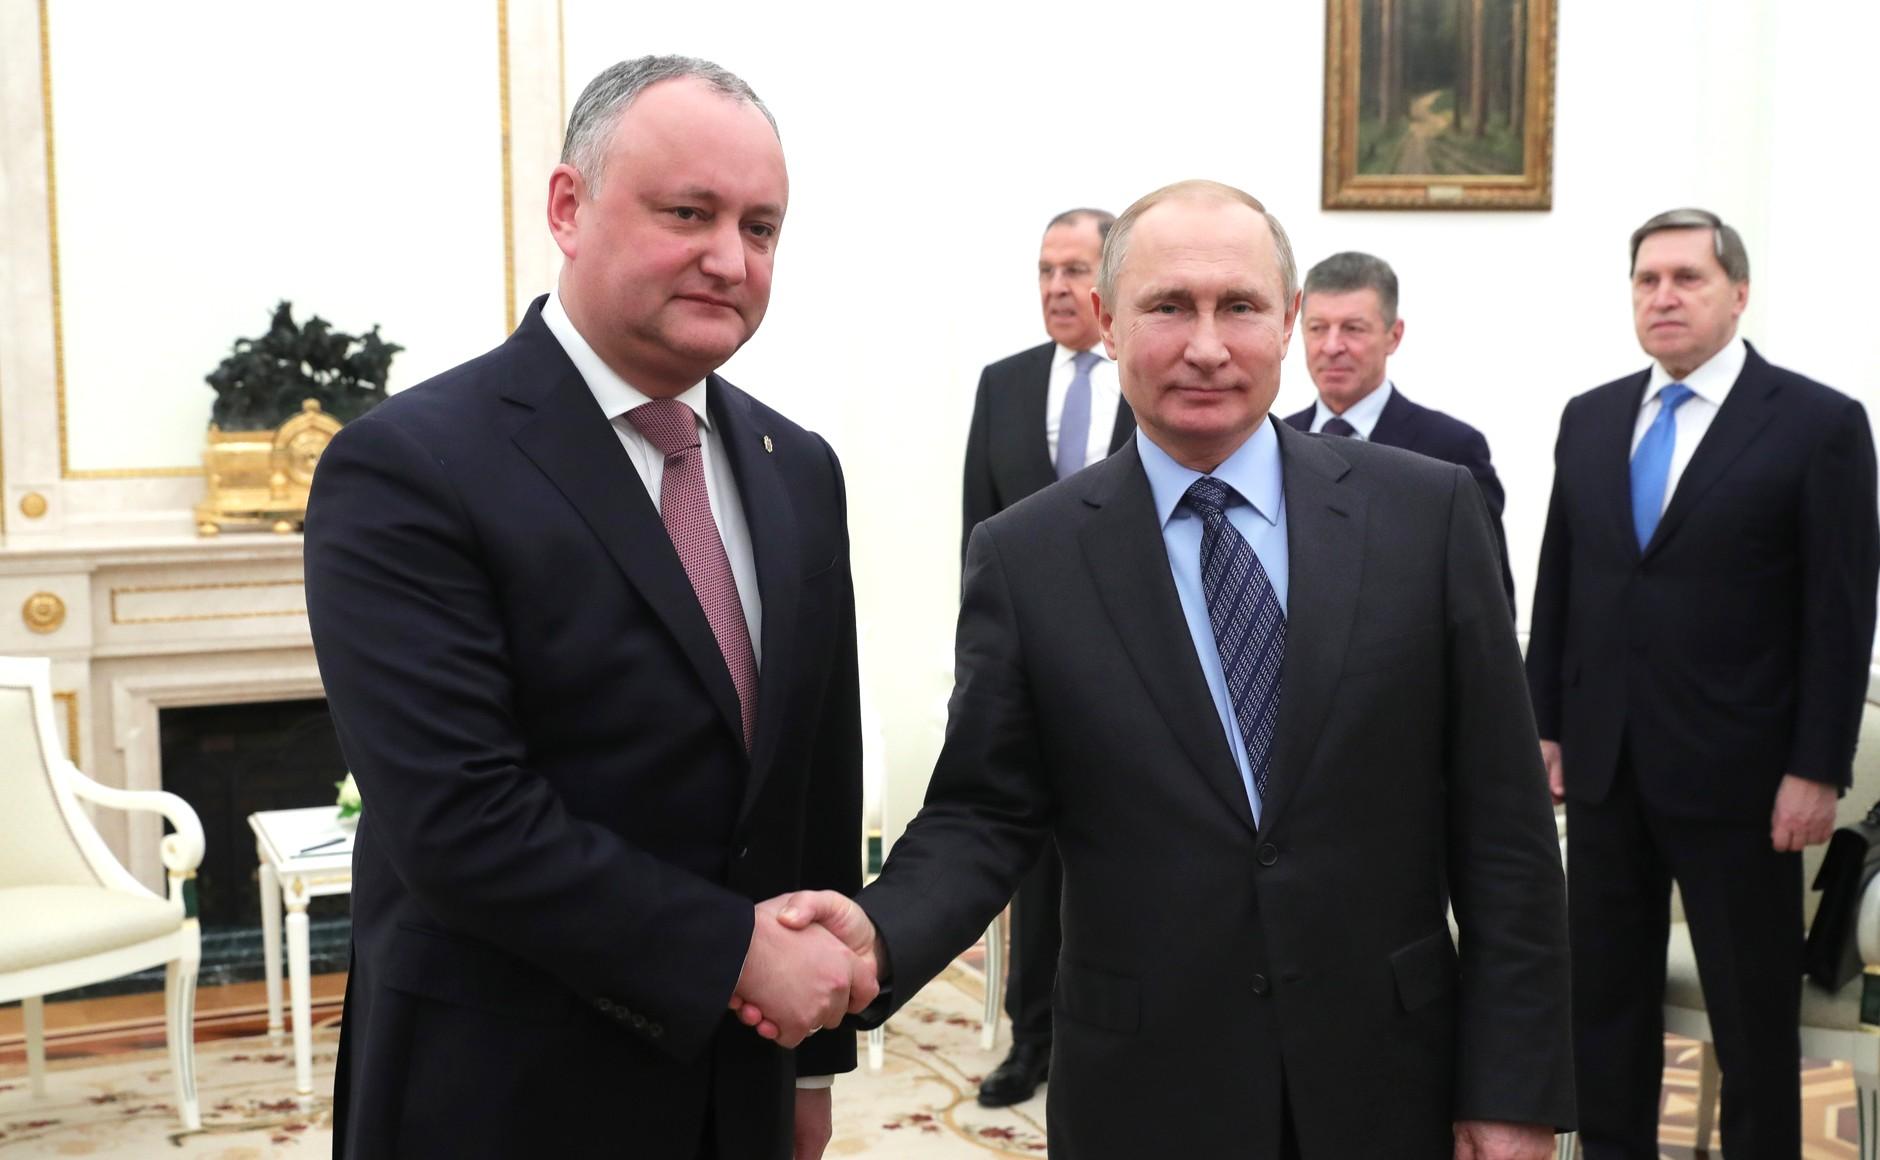 Игорь Додон отправился с визитом в Москву: завтра президент встретится с Владимиром Путиным